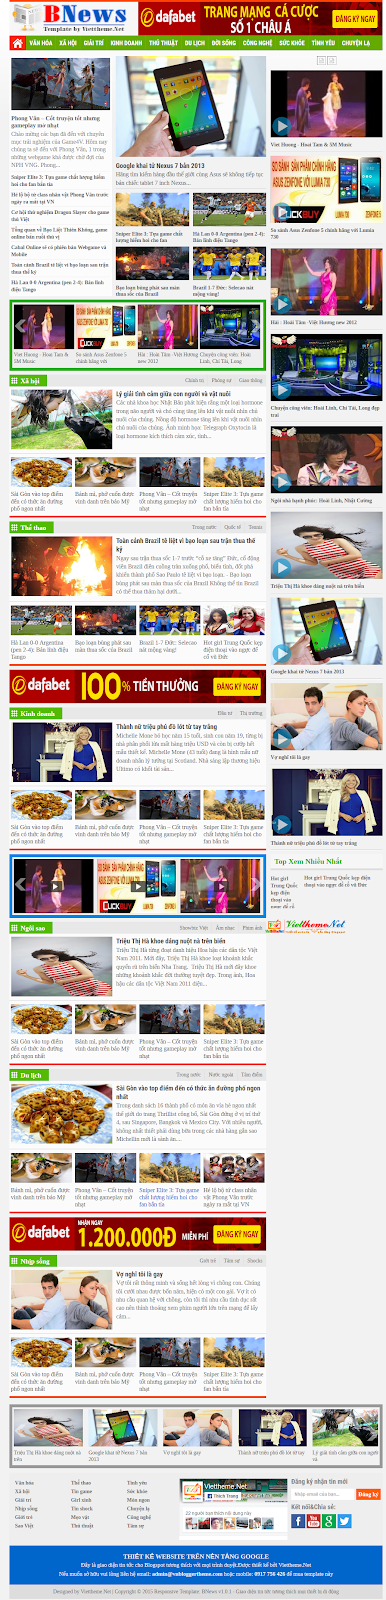 BNews v1.0.1 - Template tin tức dạng Responsive cho Blogspot